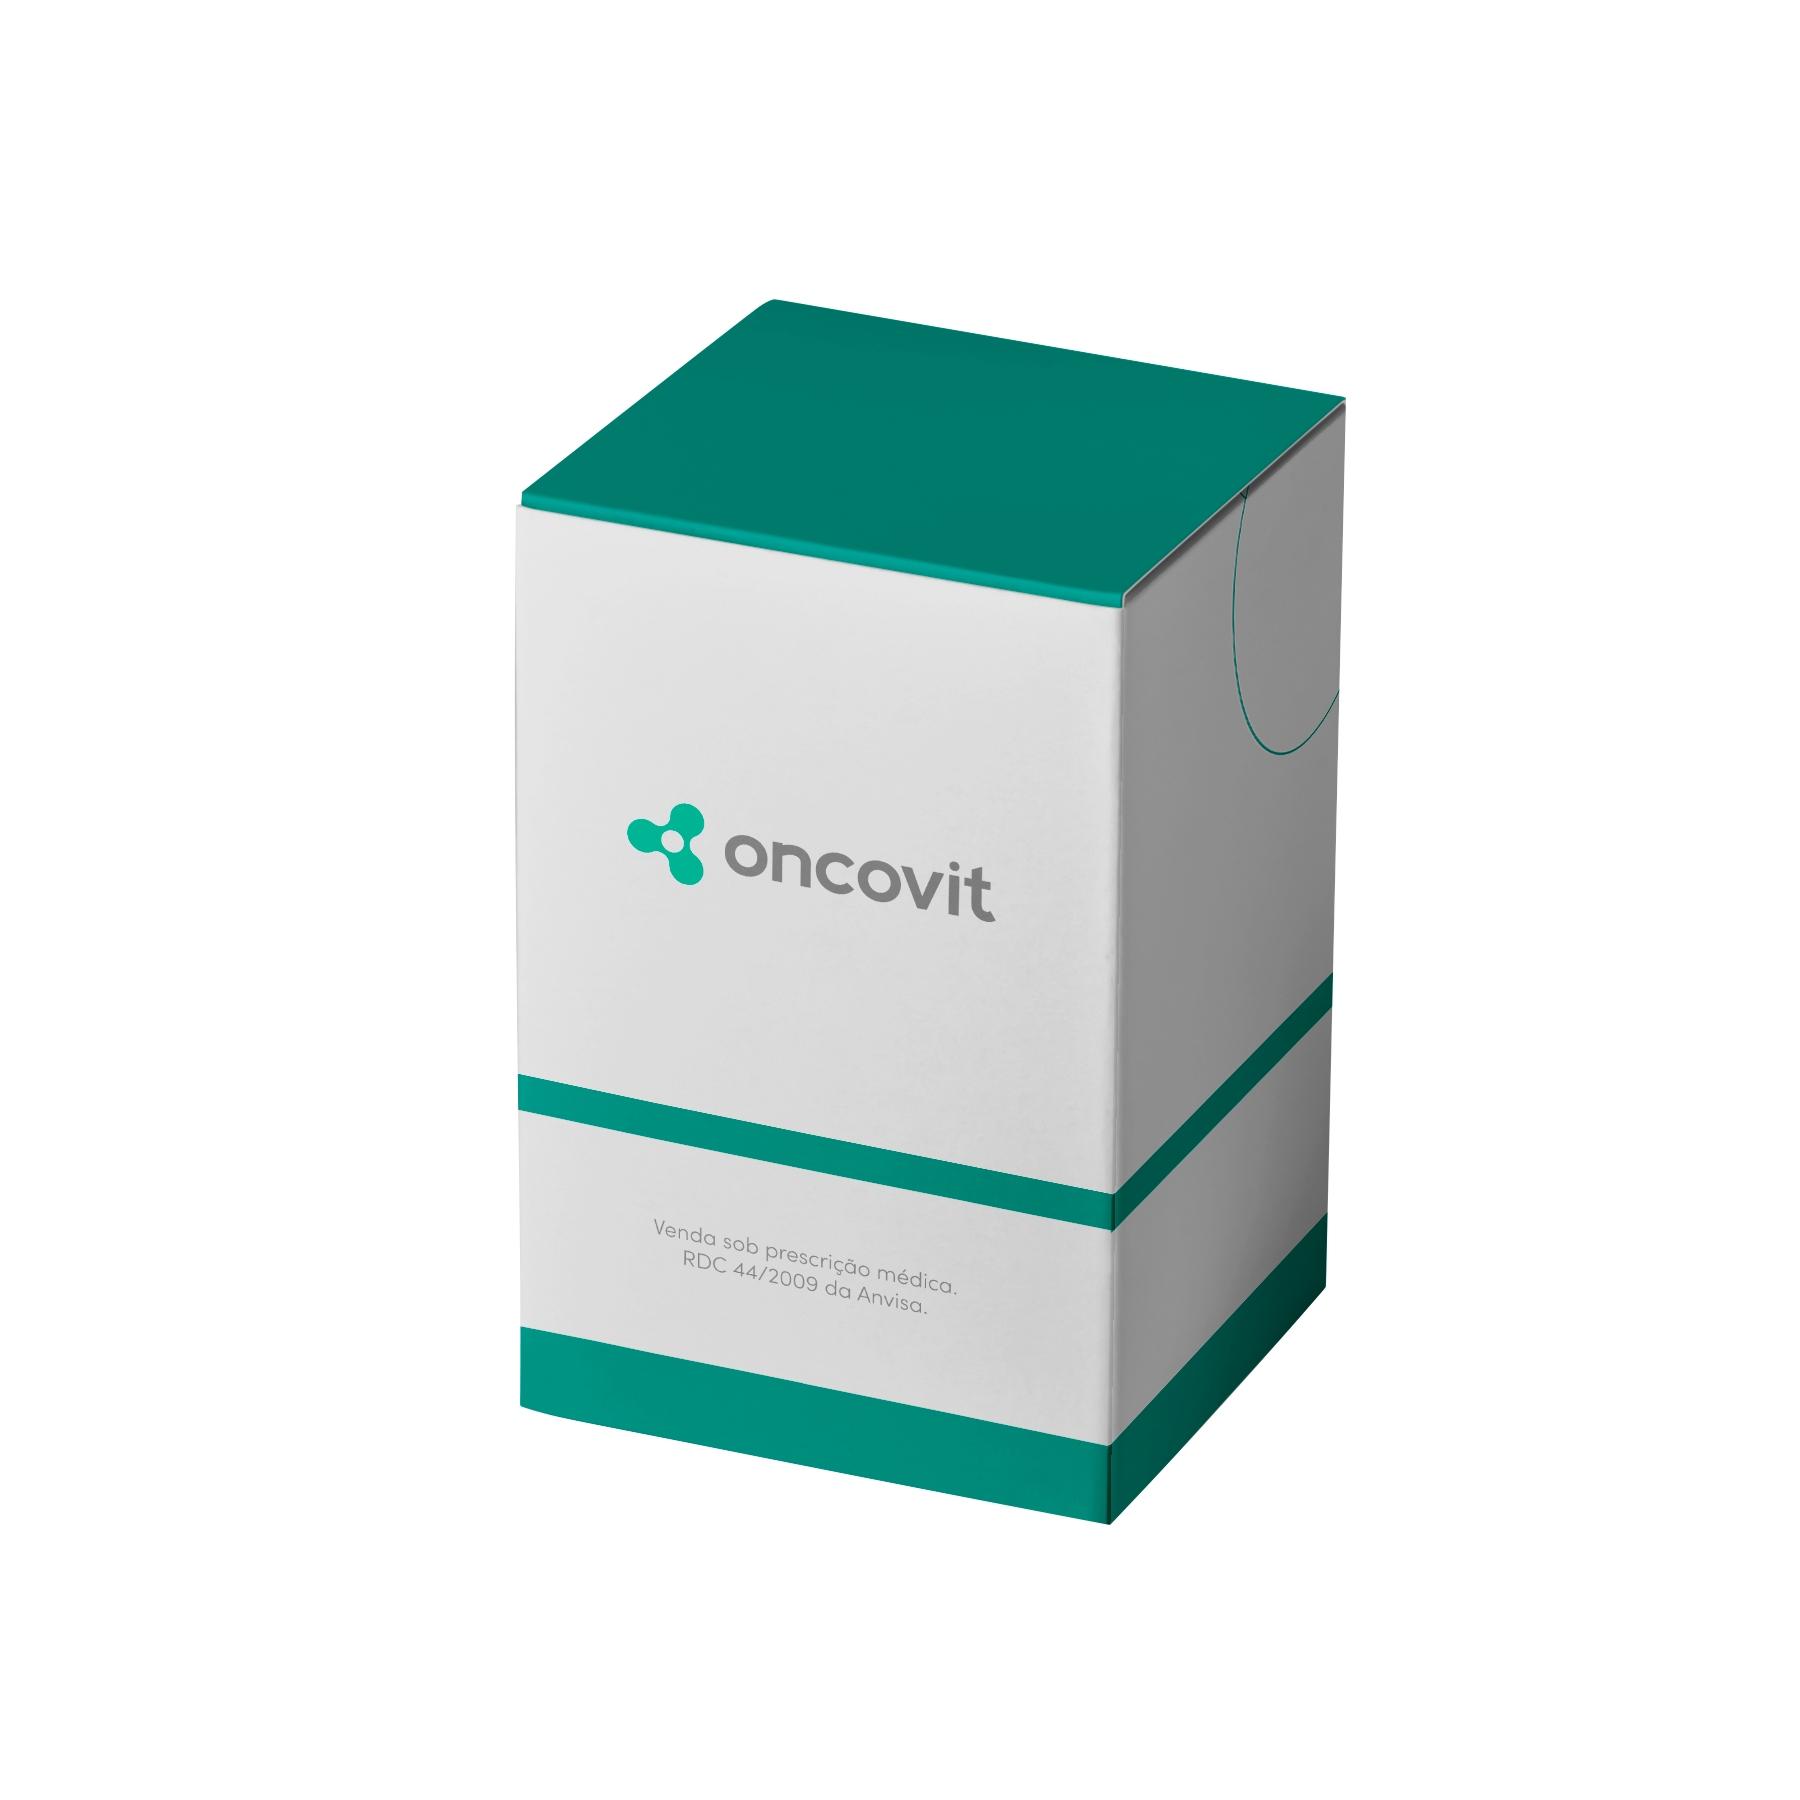 Prolia 60mg/mL caixa com 1 seringa preenchida com 1mL de solução de uso subcutâneo